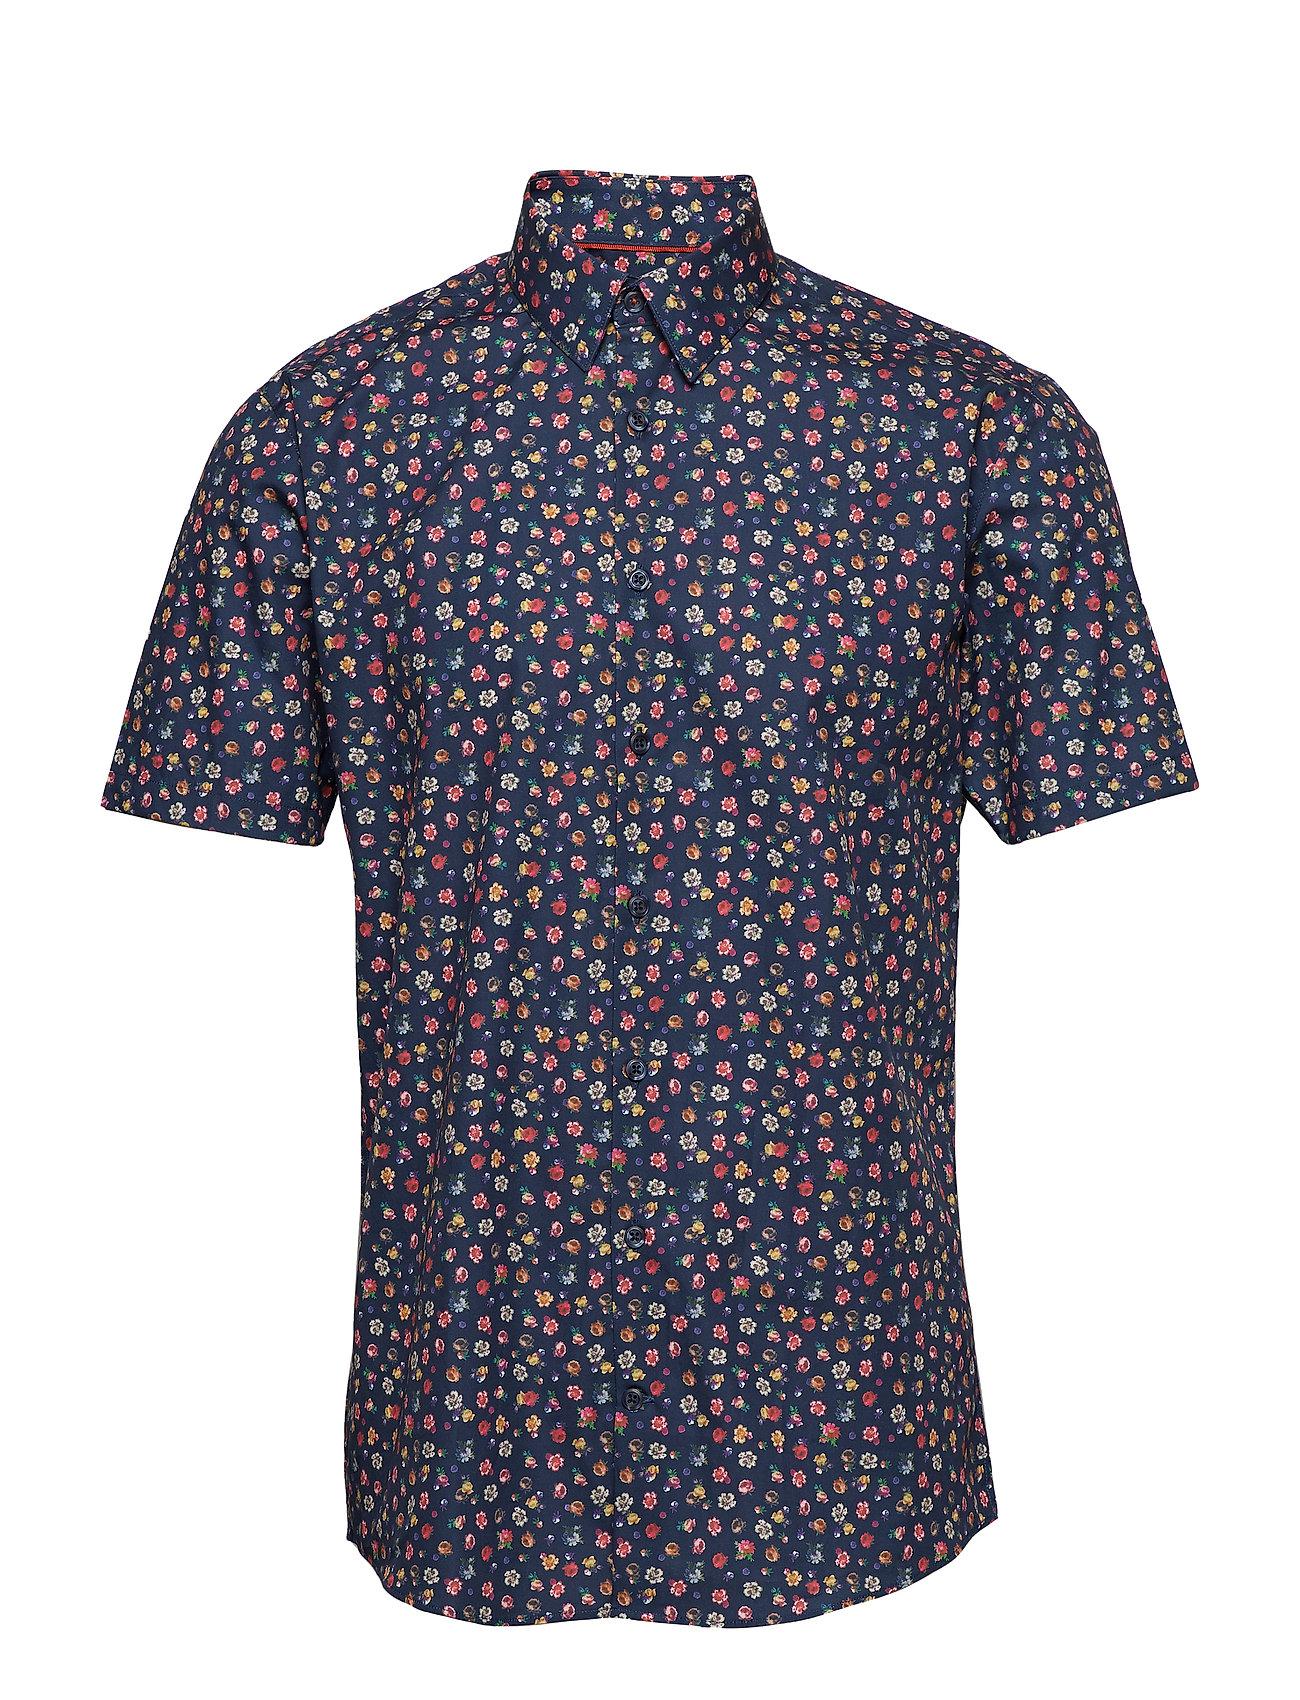 Lindbergh Mini floral AOP shirt S/S - BLUE